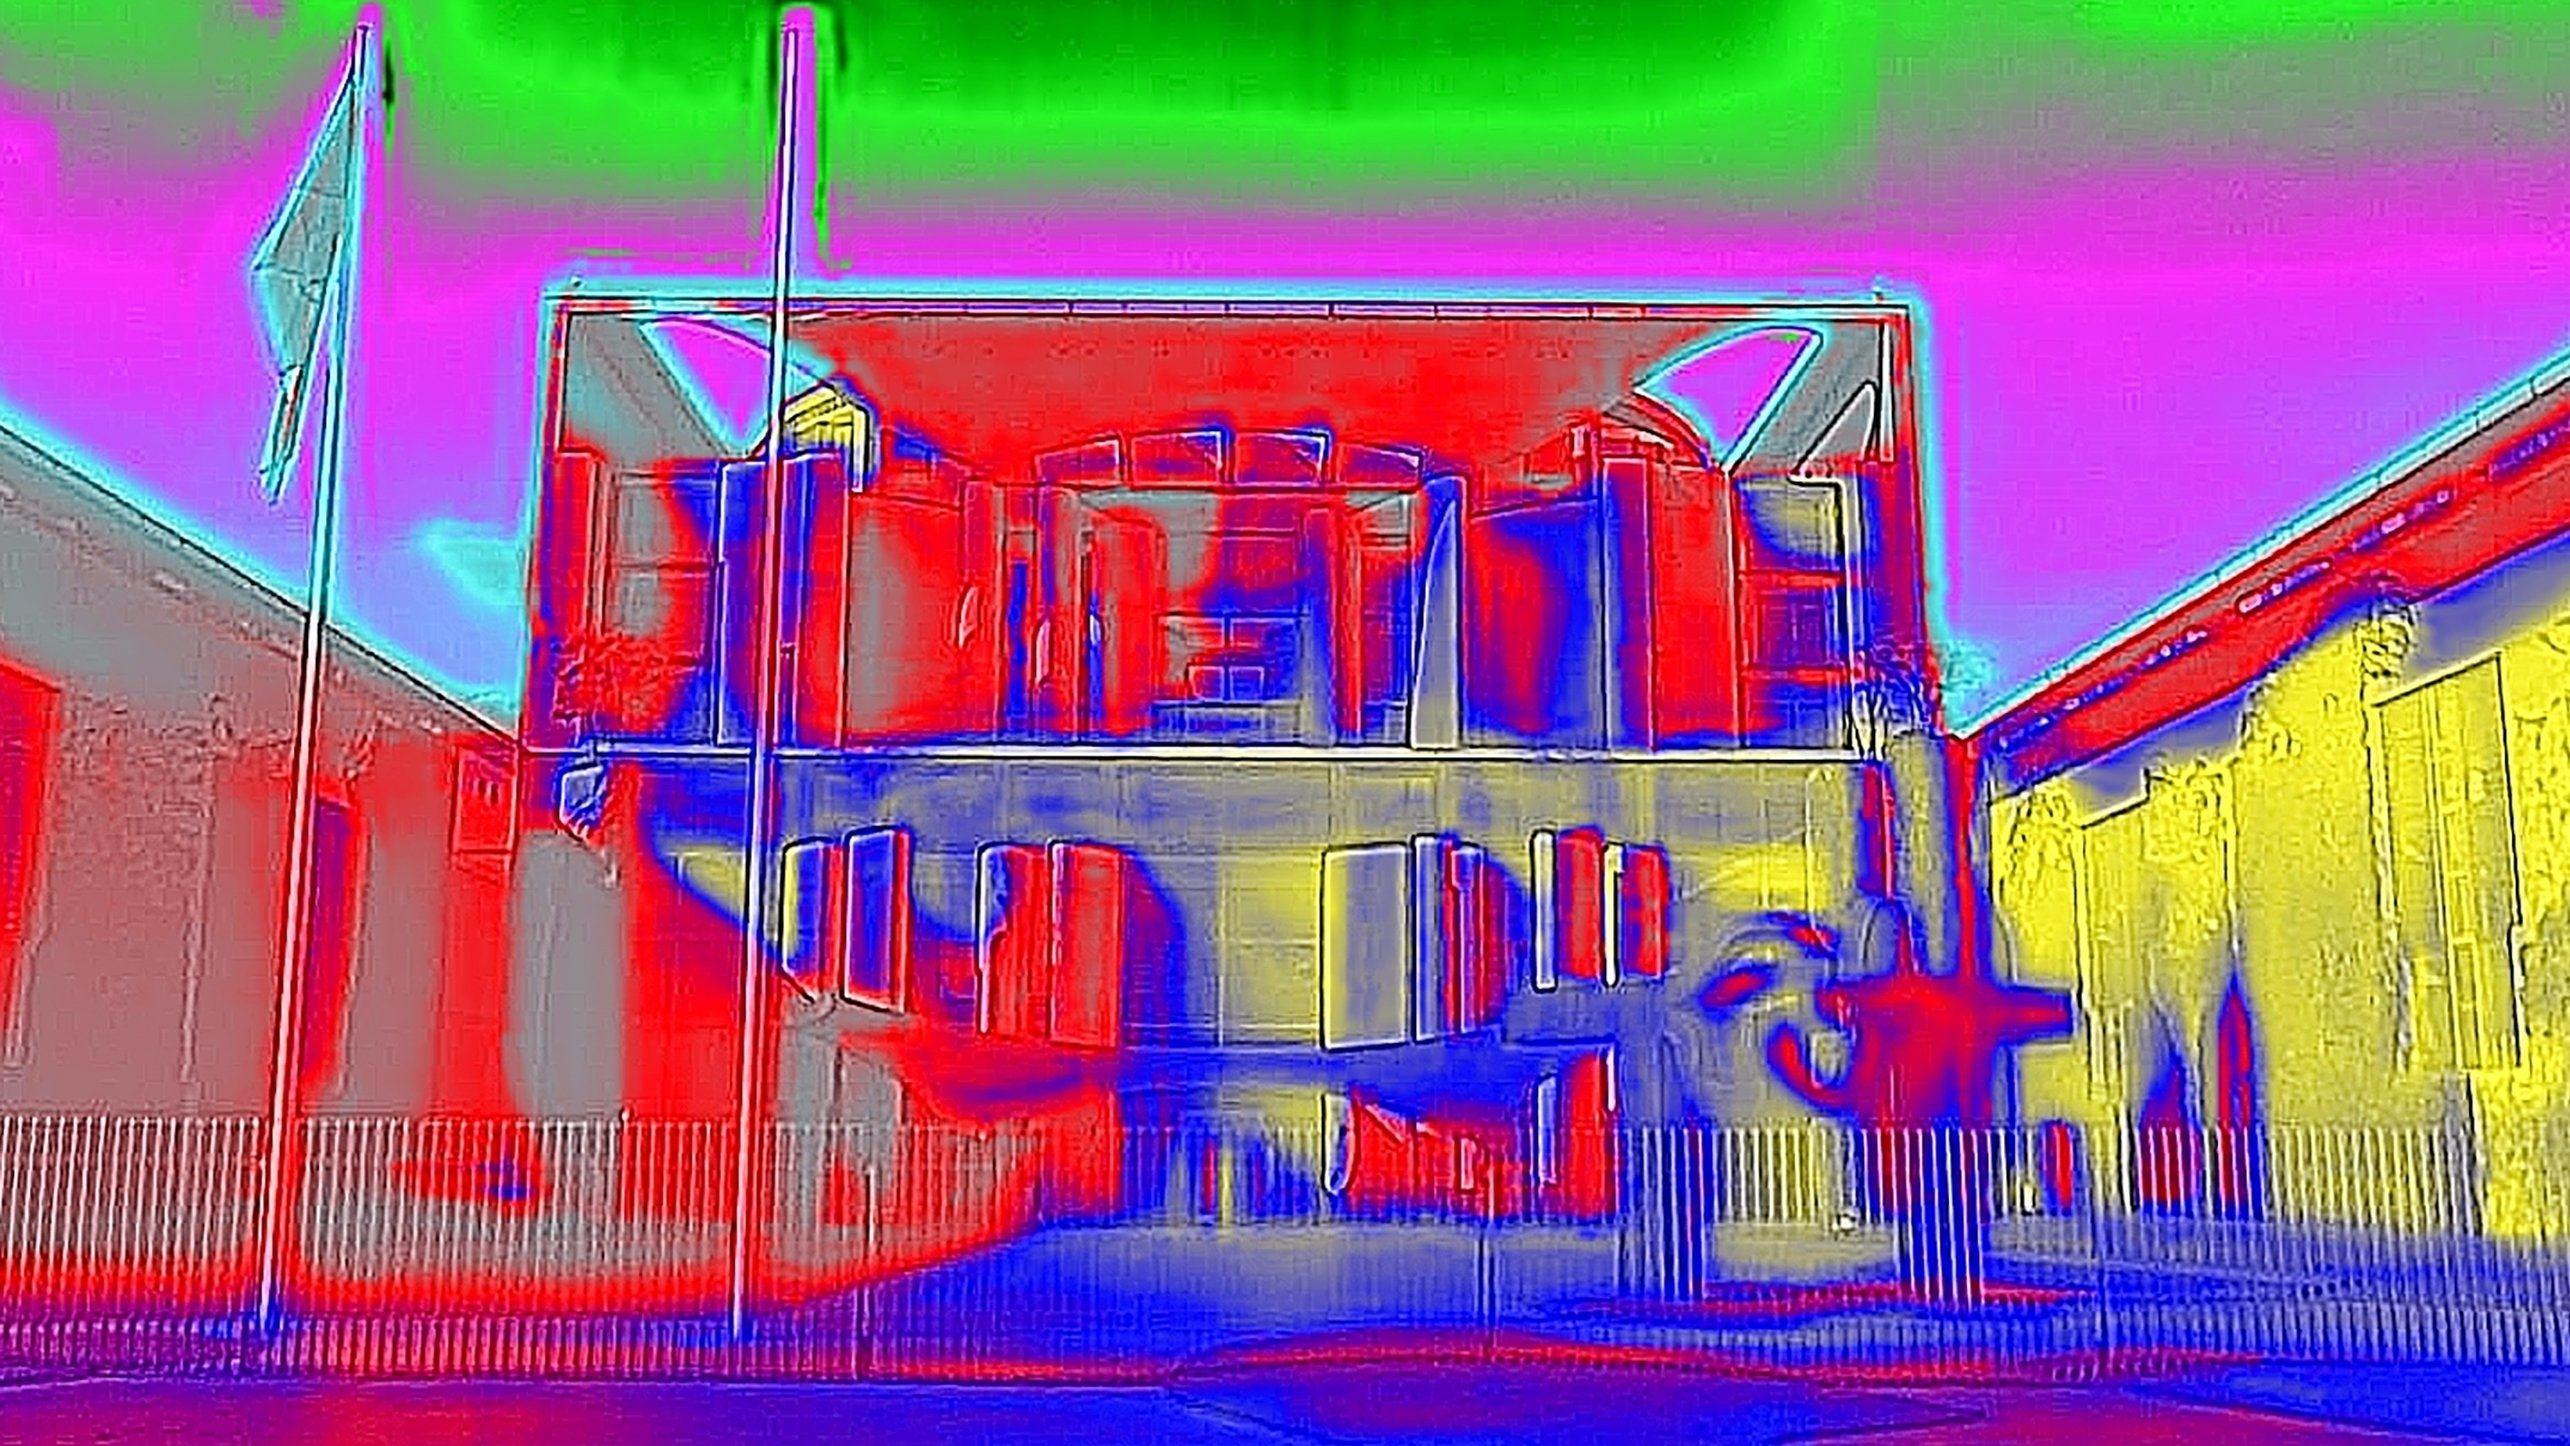 Das Thermobild zeigt das Bundeskanzleramt als Wärmebildaufnahme